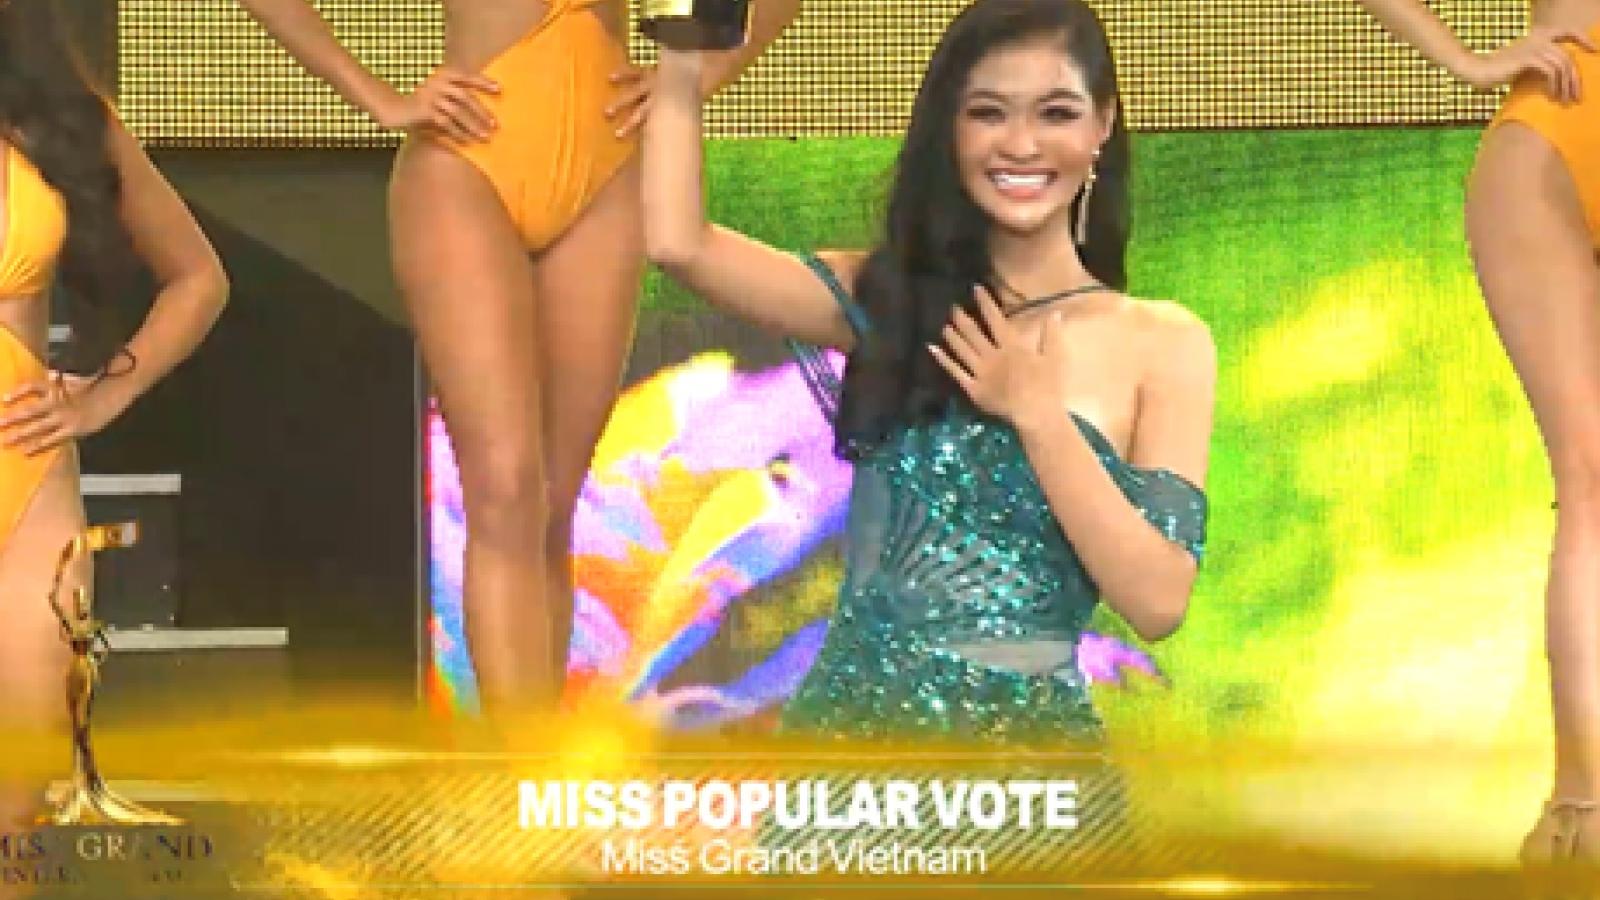 Kieu Loan among Top 10 finishers at Miss Grand International 2019